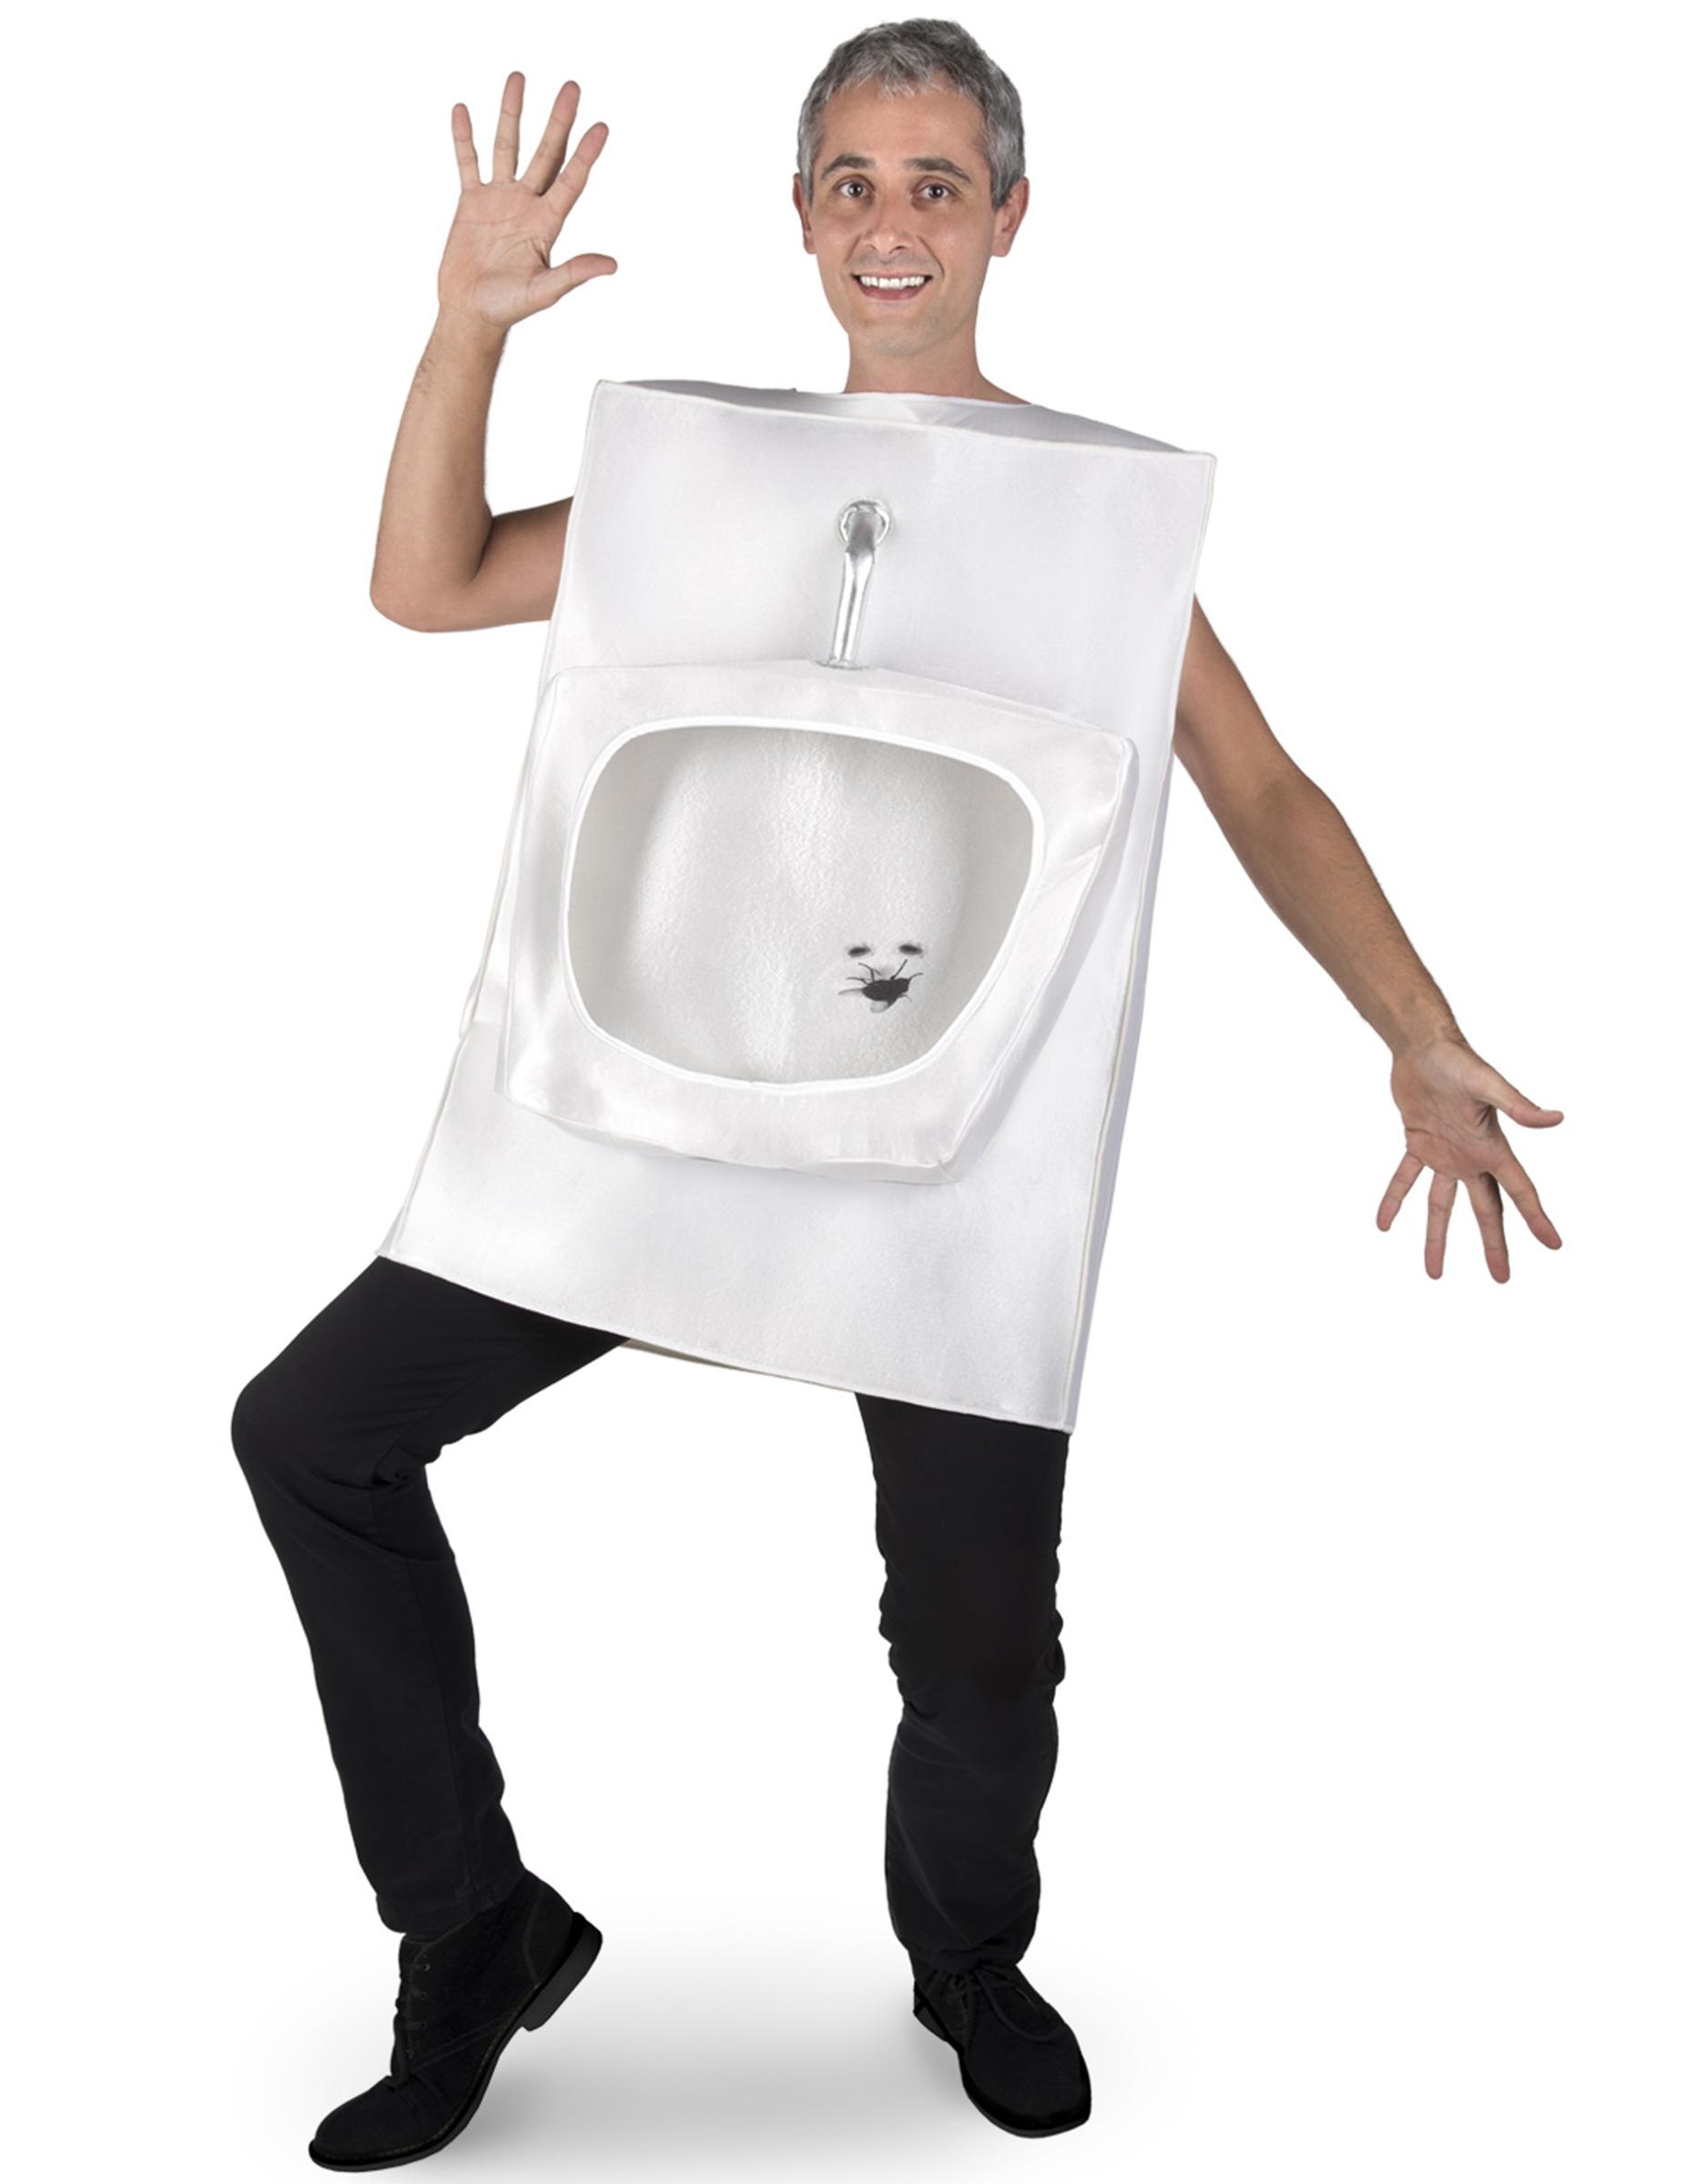 Kostüm Toilette Für Erwachsene Günstige Faschings Kostüme Bei